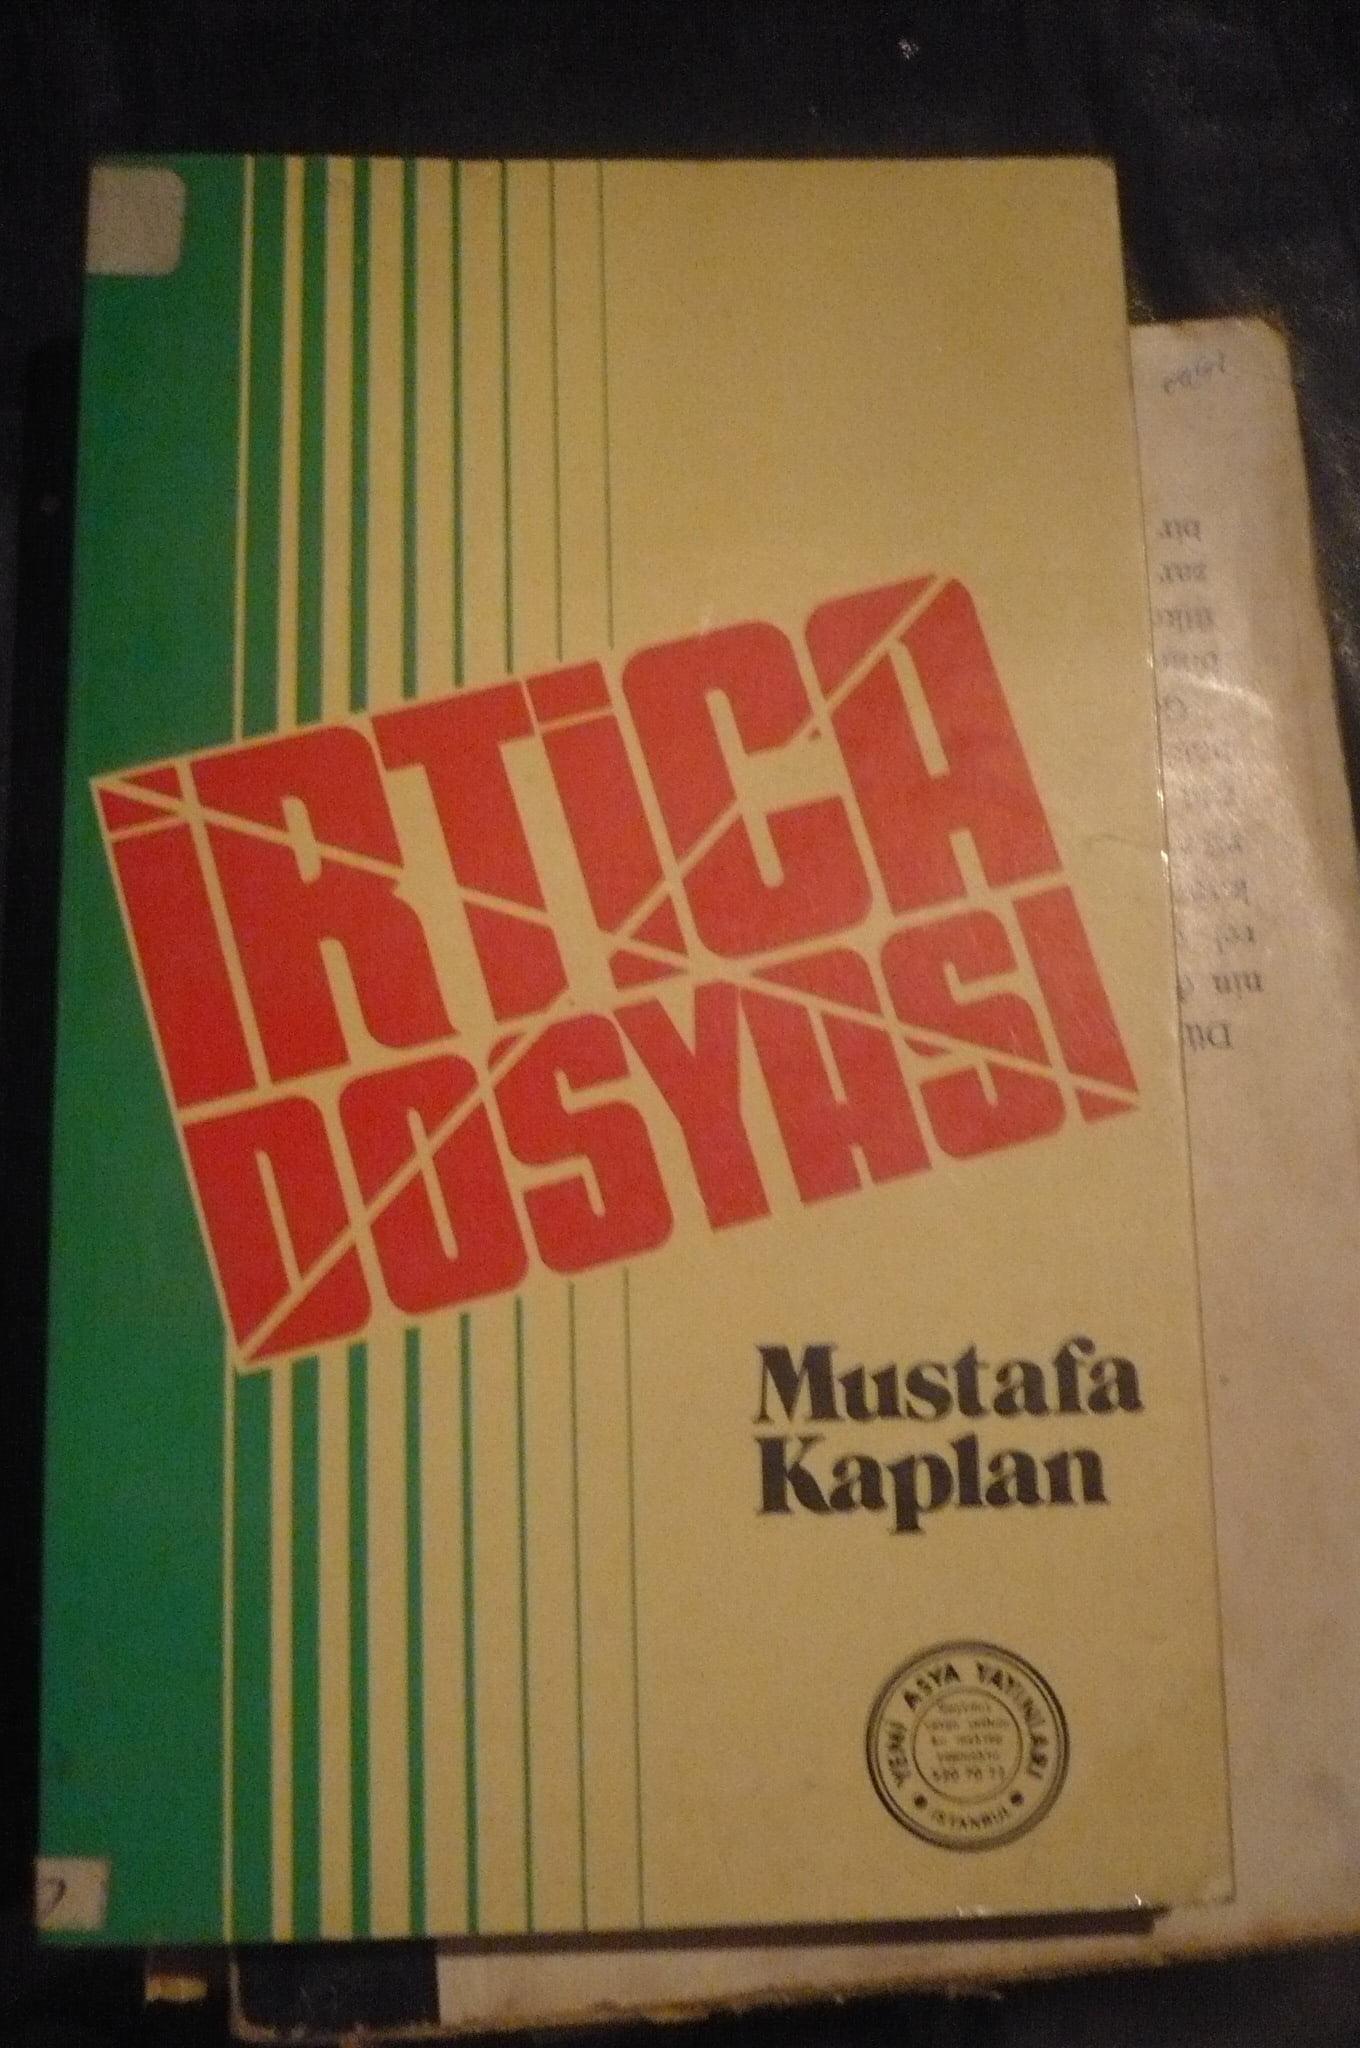 İRTİCA DOSYASI/Mustafa KAPLAN/10 TL